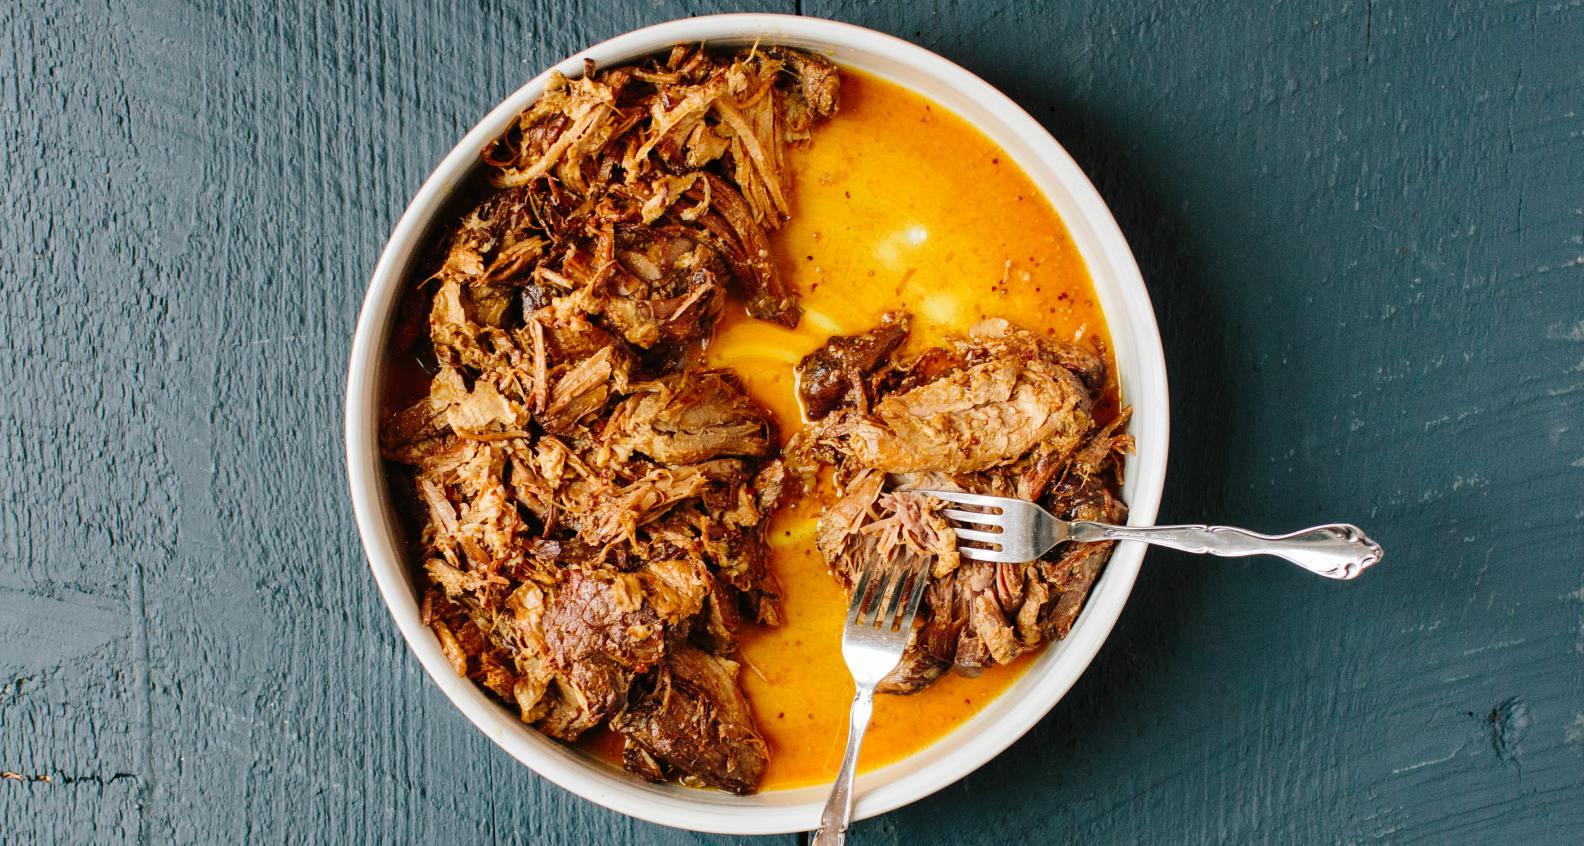 Instant Pot Barbecue Pork Shoulder